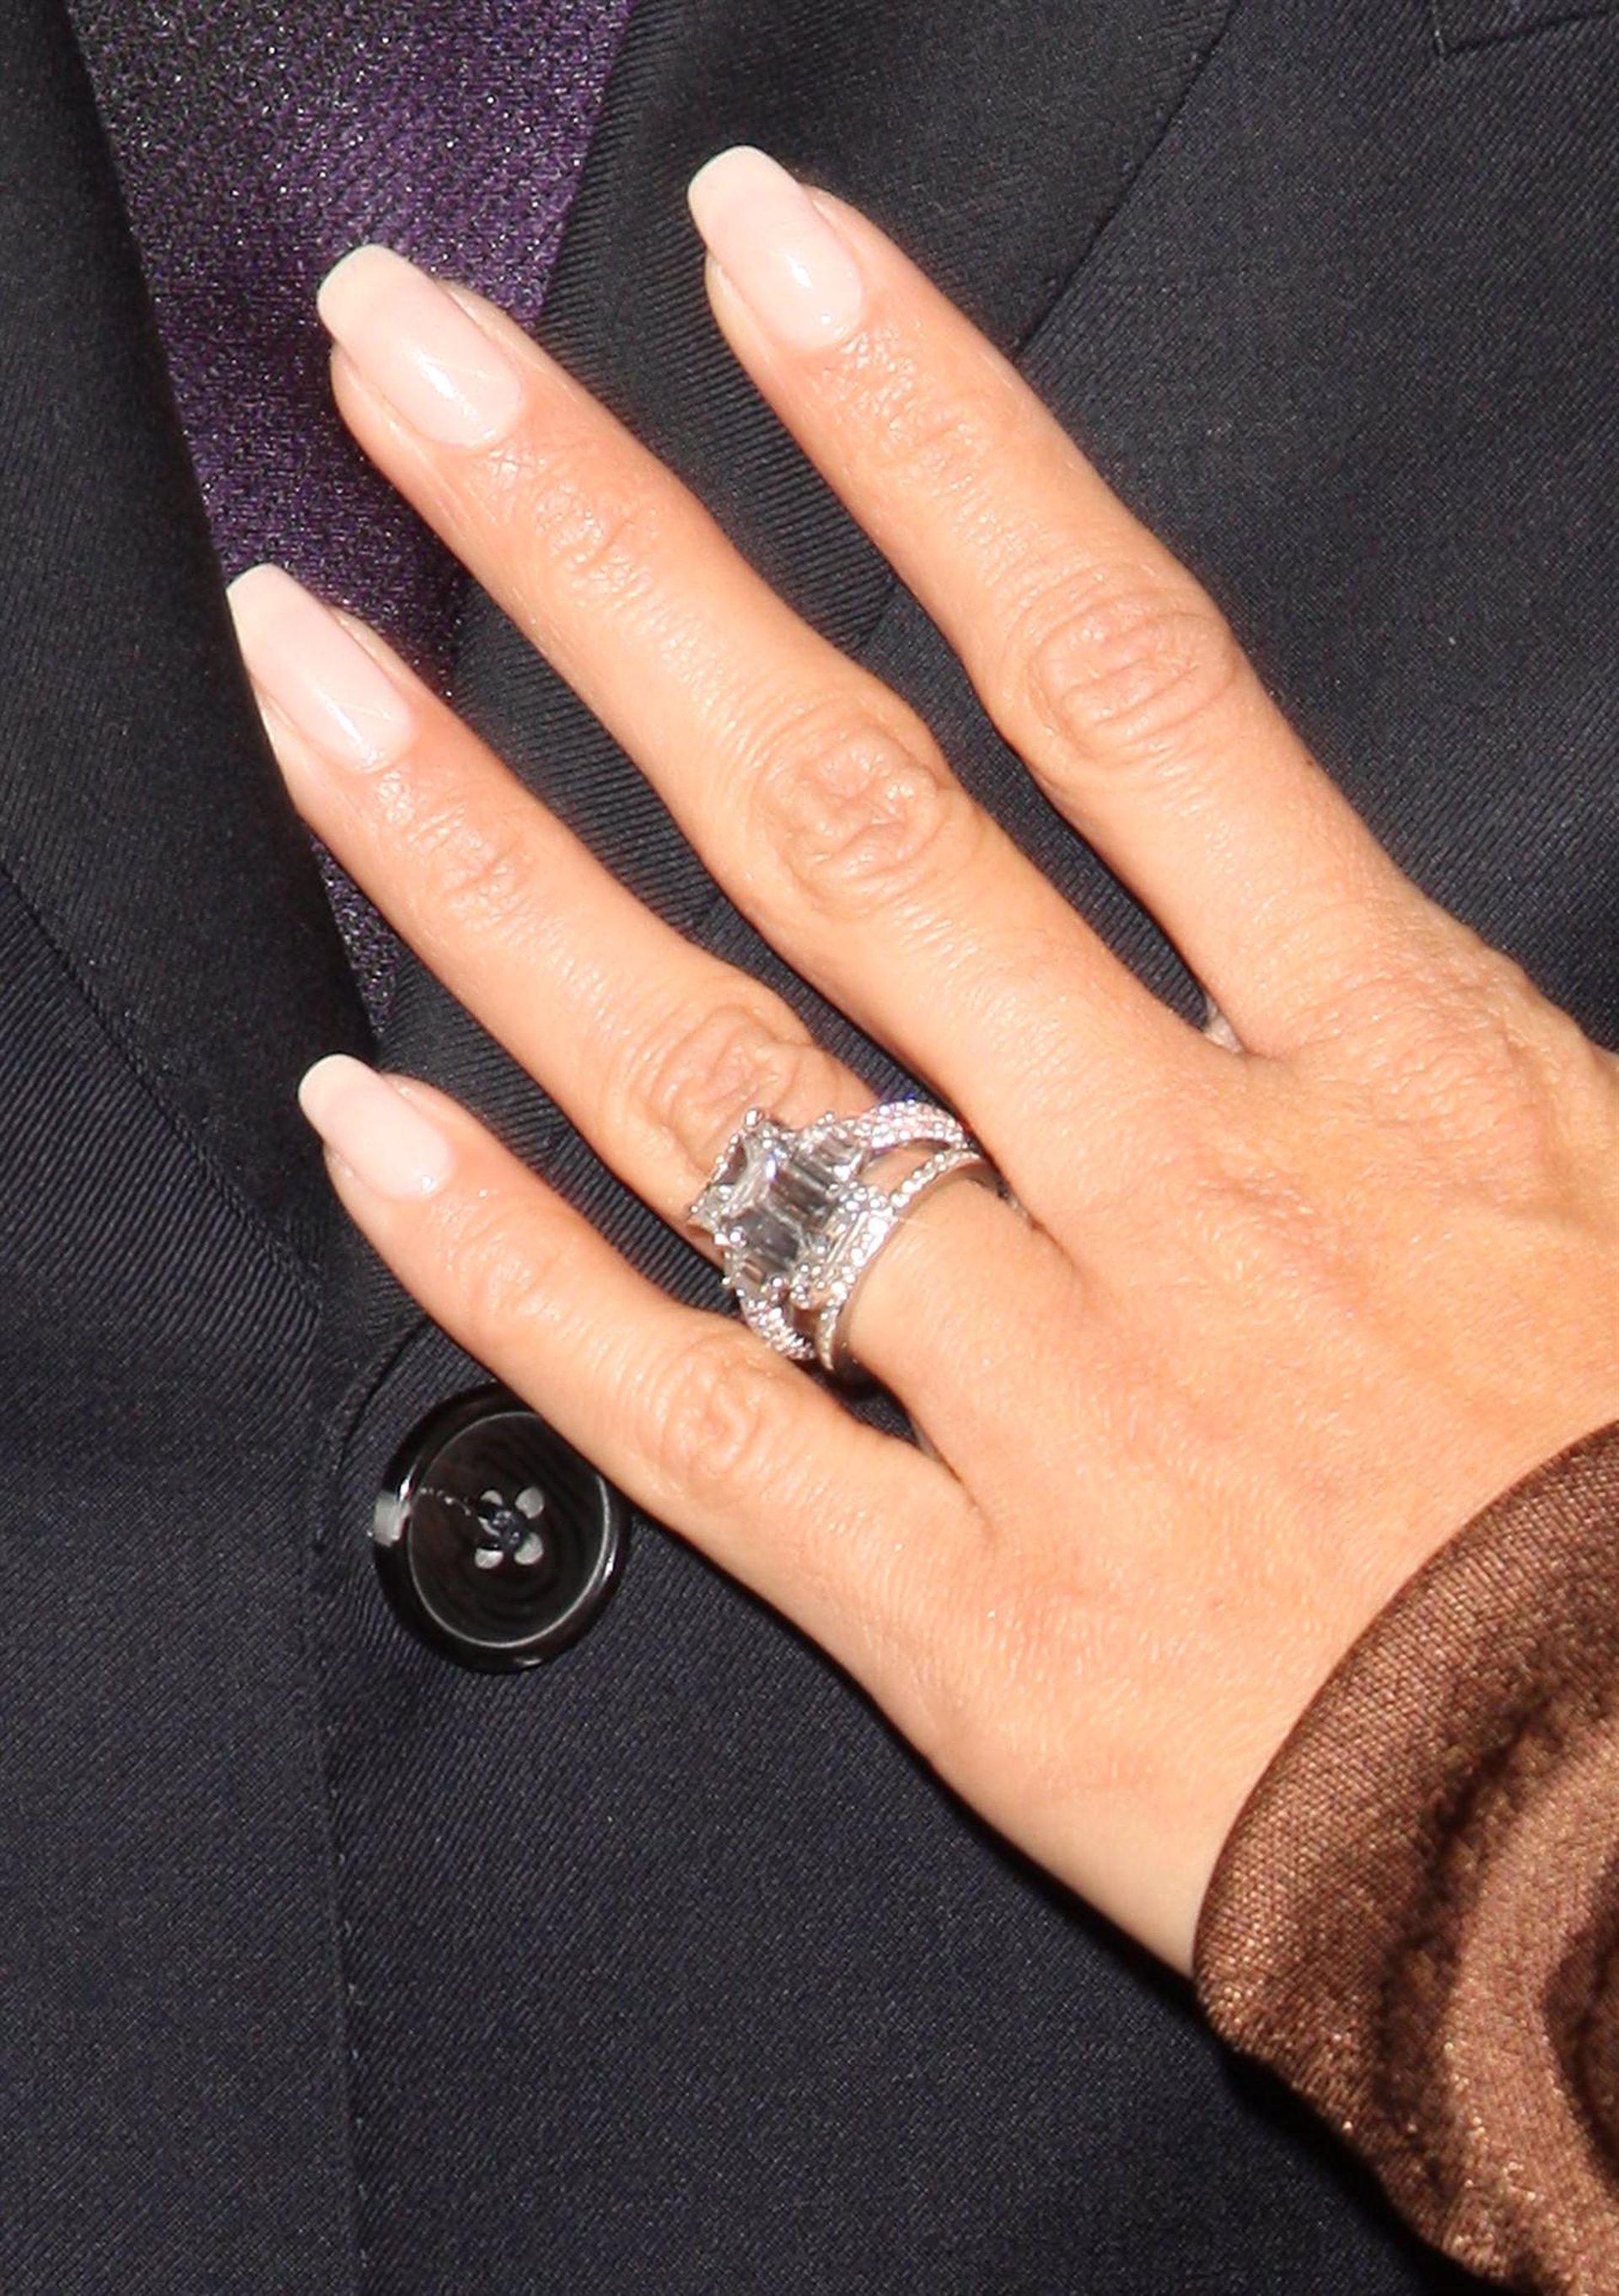 Luce Unas Unas Elegantes Y Discretas Con La Manicura Francesa - Manicuras-elegantes